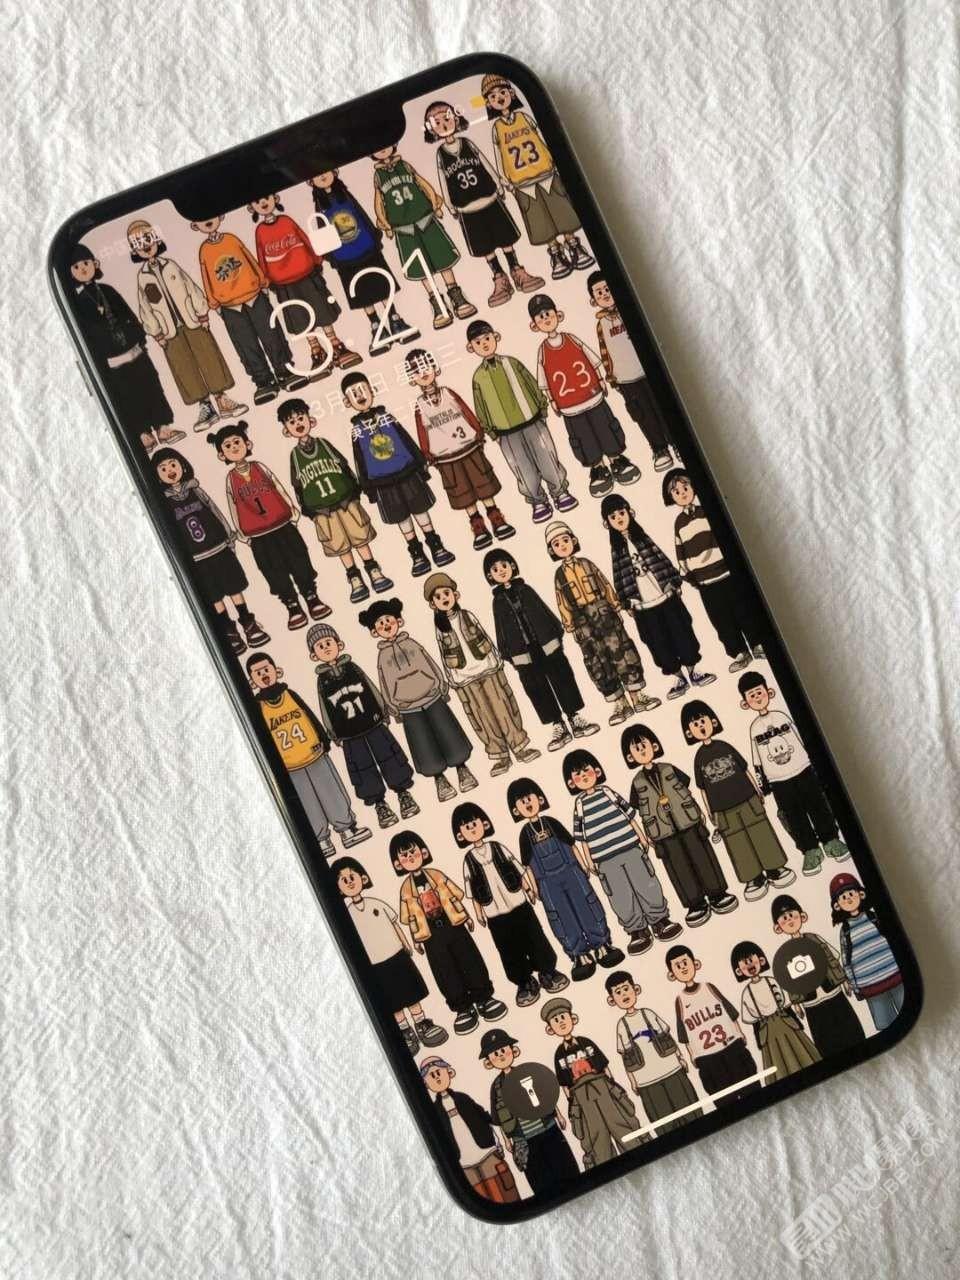 有見過這種手機壁紙的嗎?